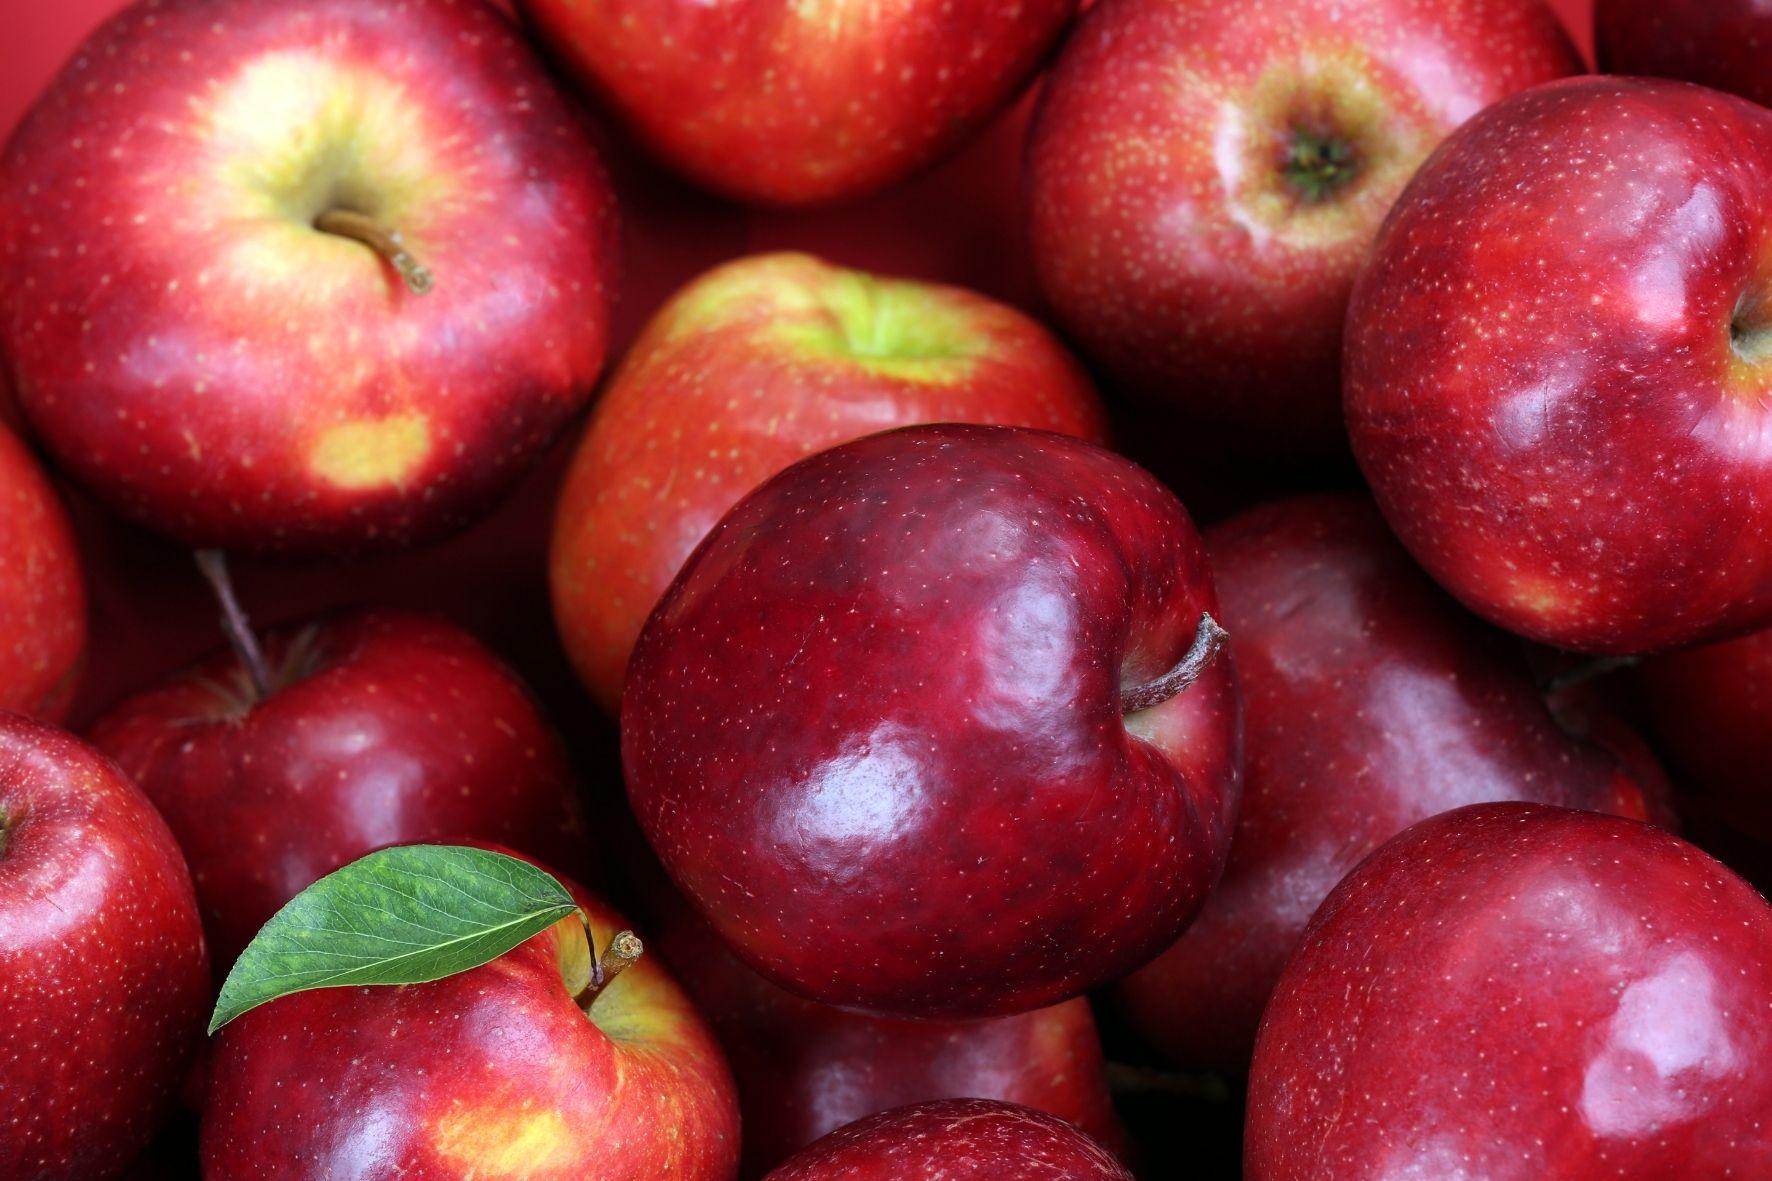 リンゴに含まれる成分には脳細胞の数を増やす効果があった